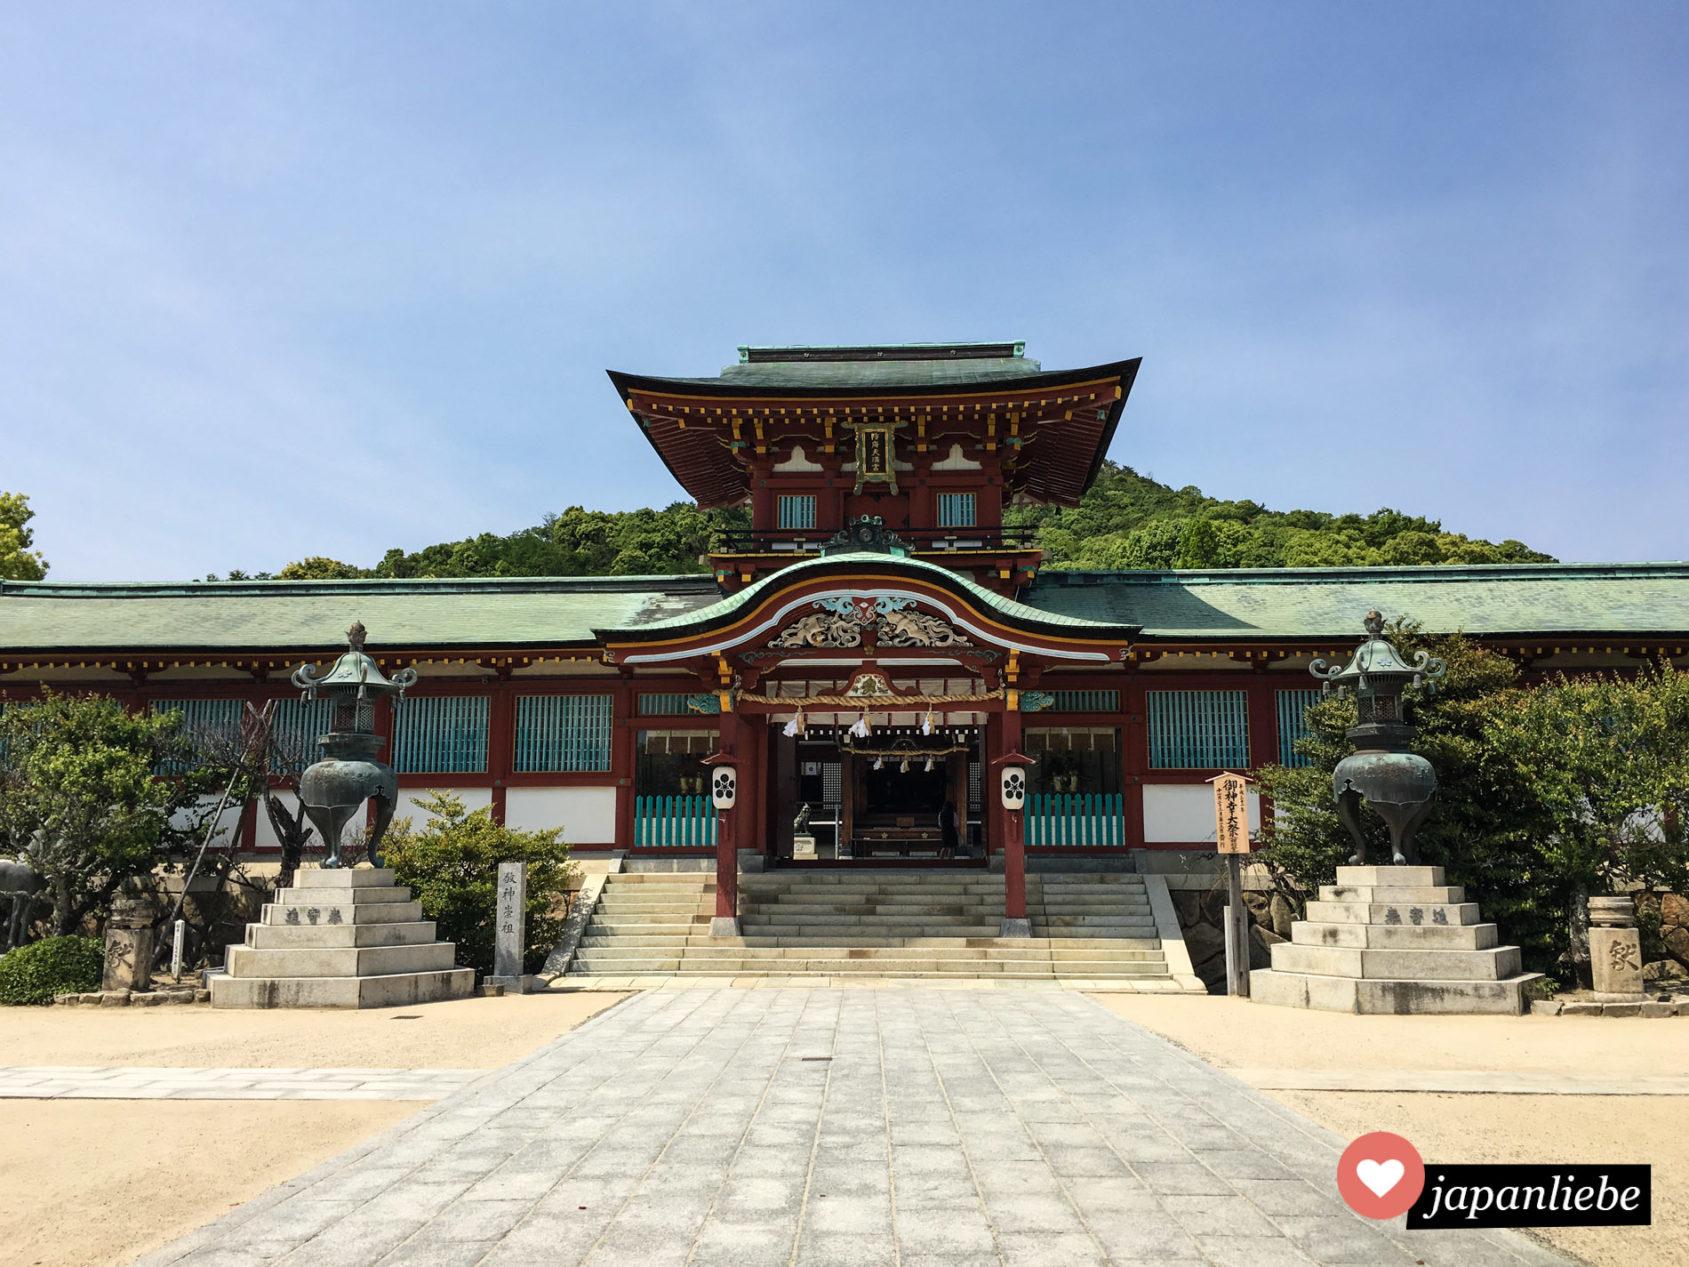 Der Tenman-gu Schrein in Hōfu